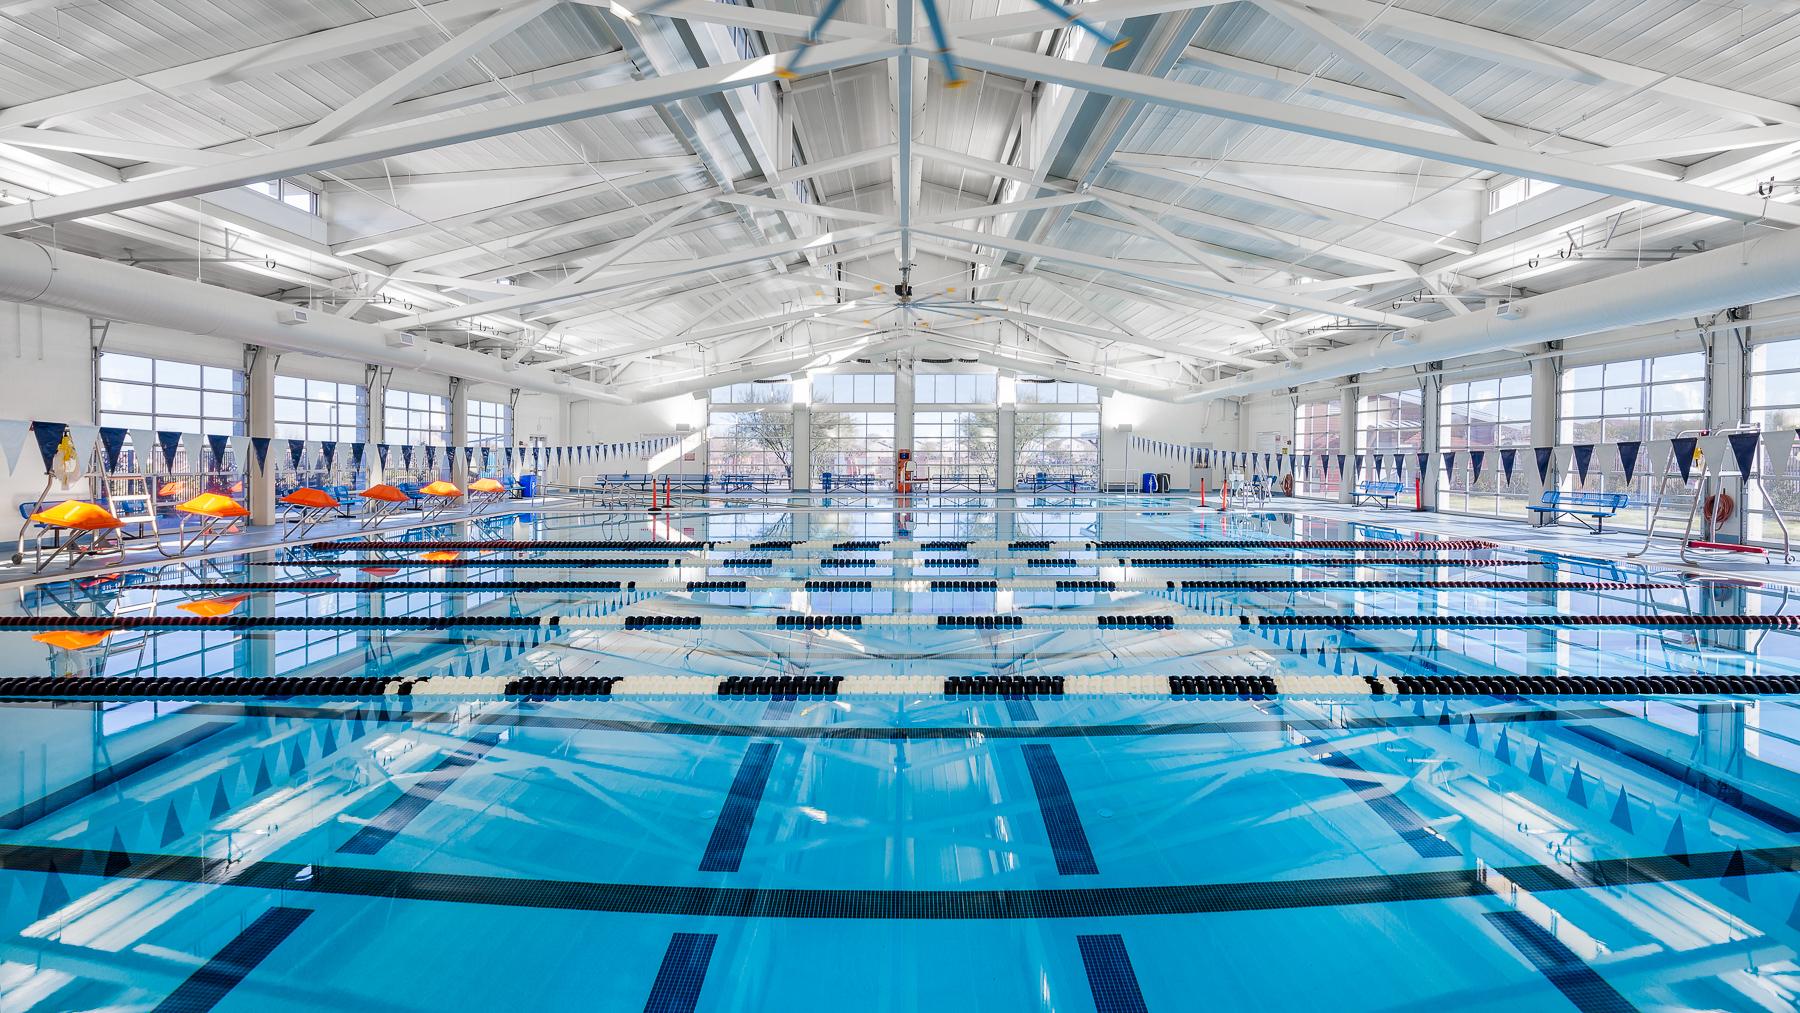 Aquatic Springs Pool